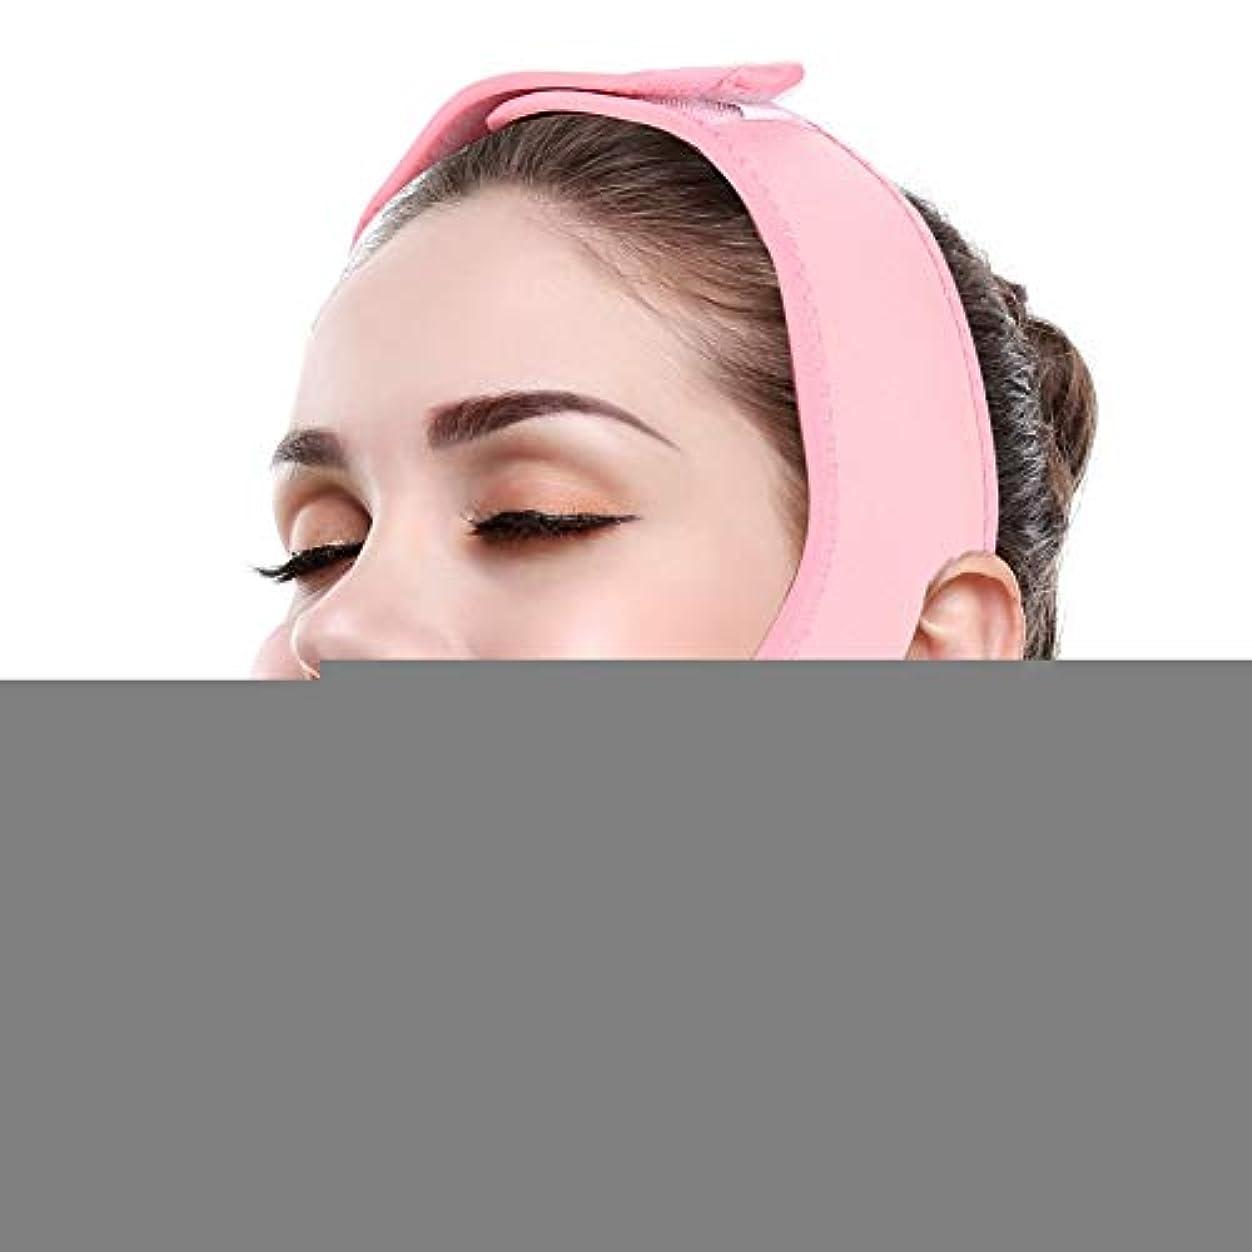 顔痩身マッサージベルト、vラインマスクネック圧縮二重あごストラップ減量ベルトスキンケアあごリフティング引き締めラップ